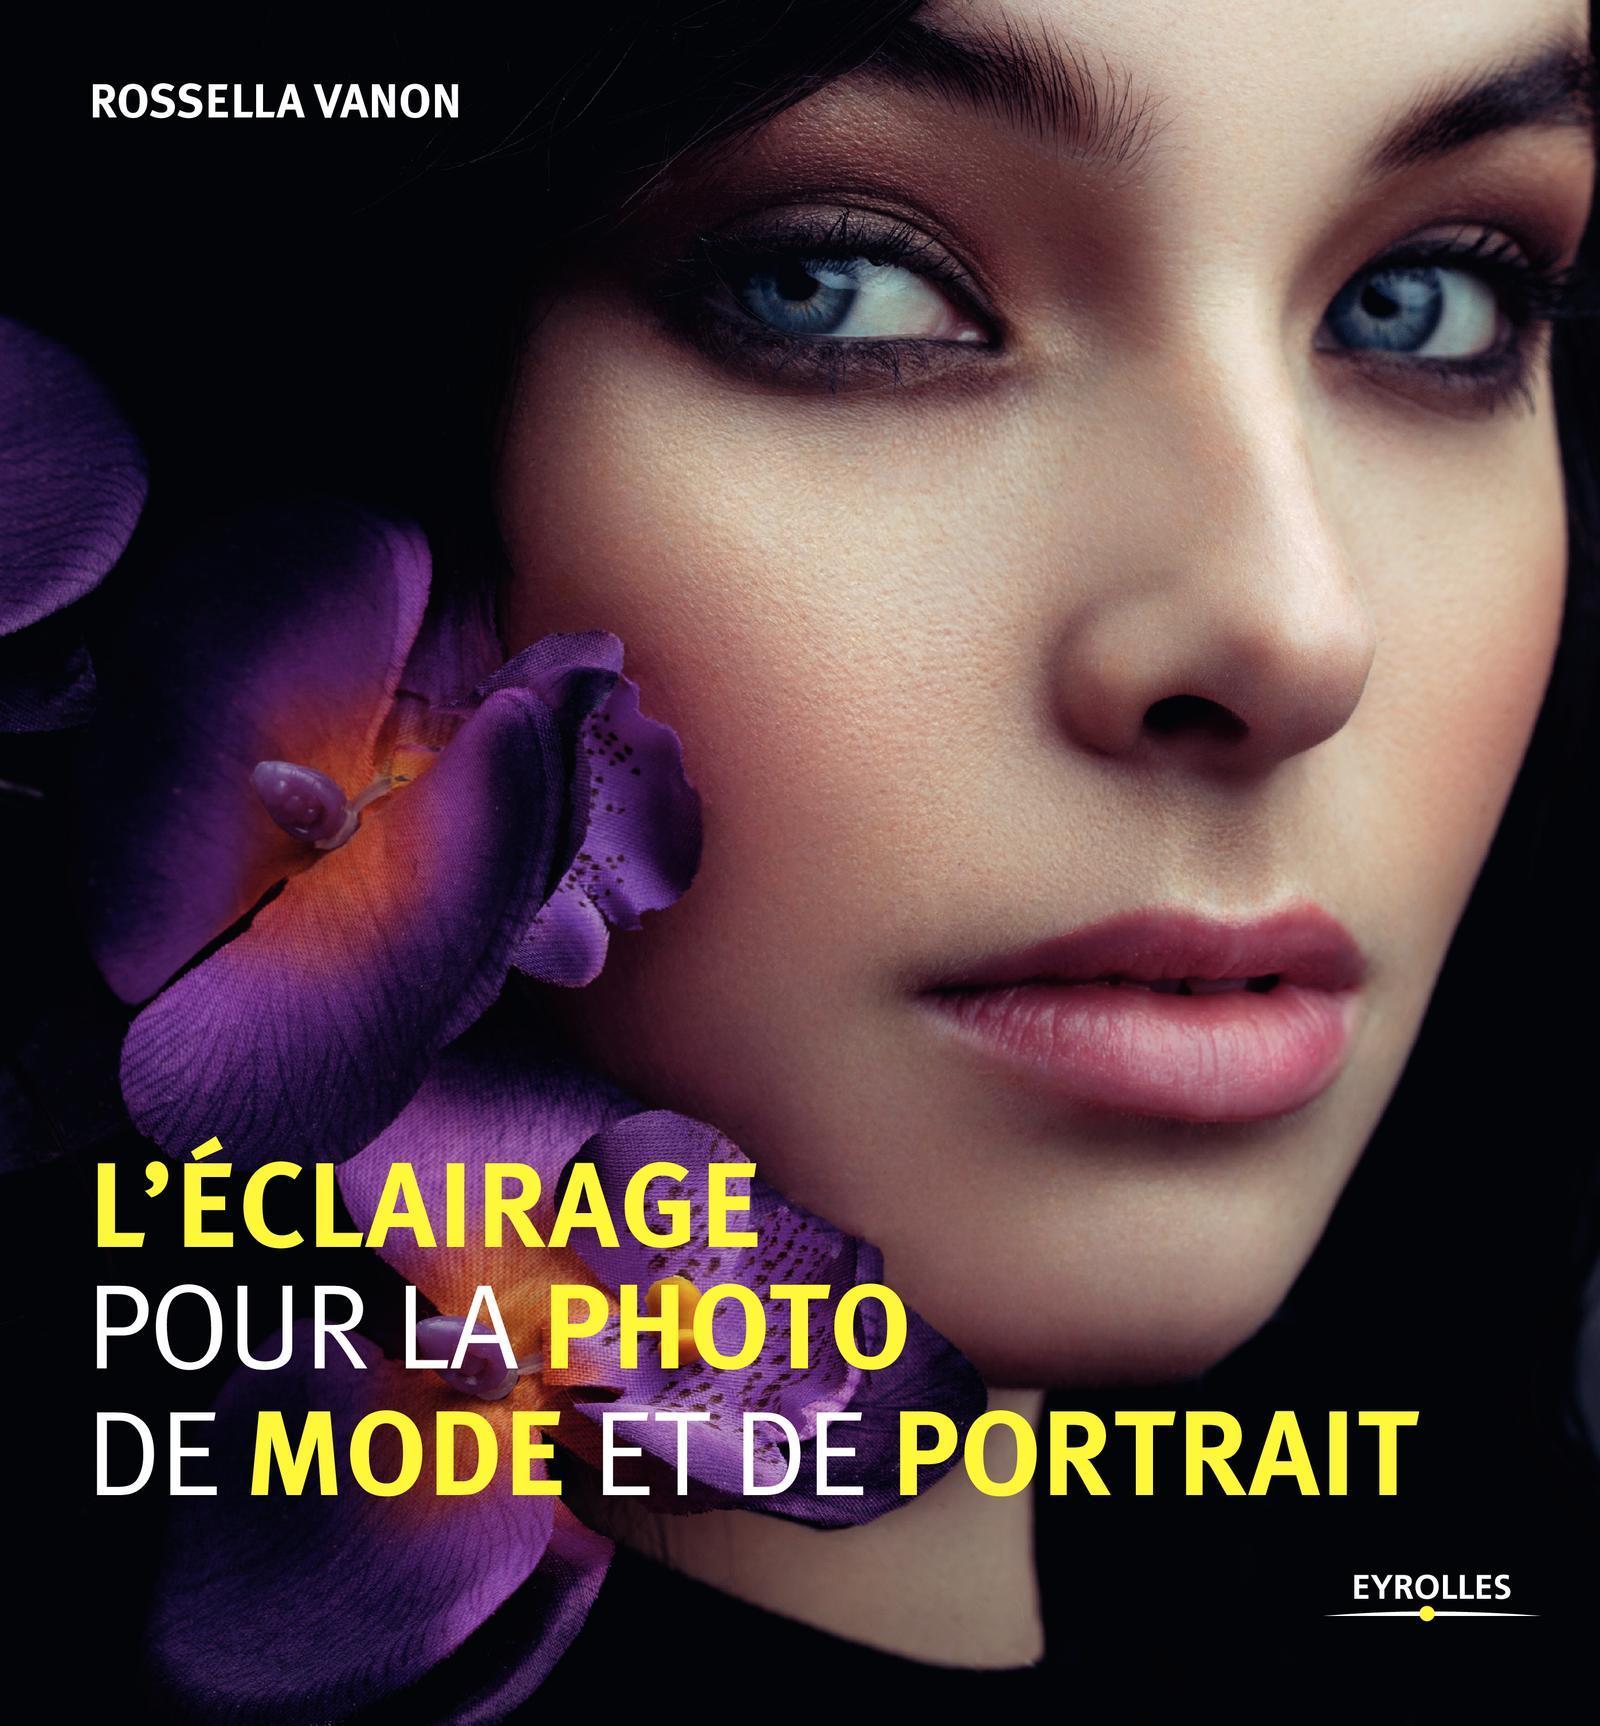 L ECLAIRAGE POUR LA PHOTO DE MODE ET DE PORTRAIT